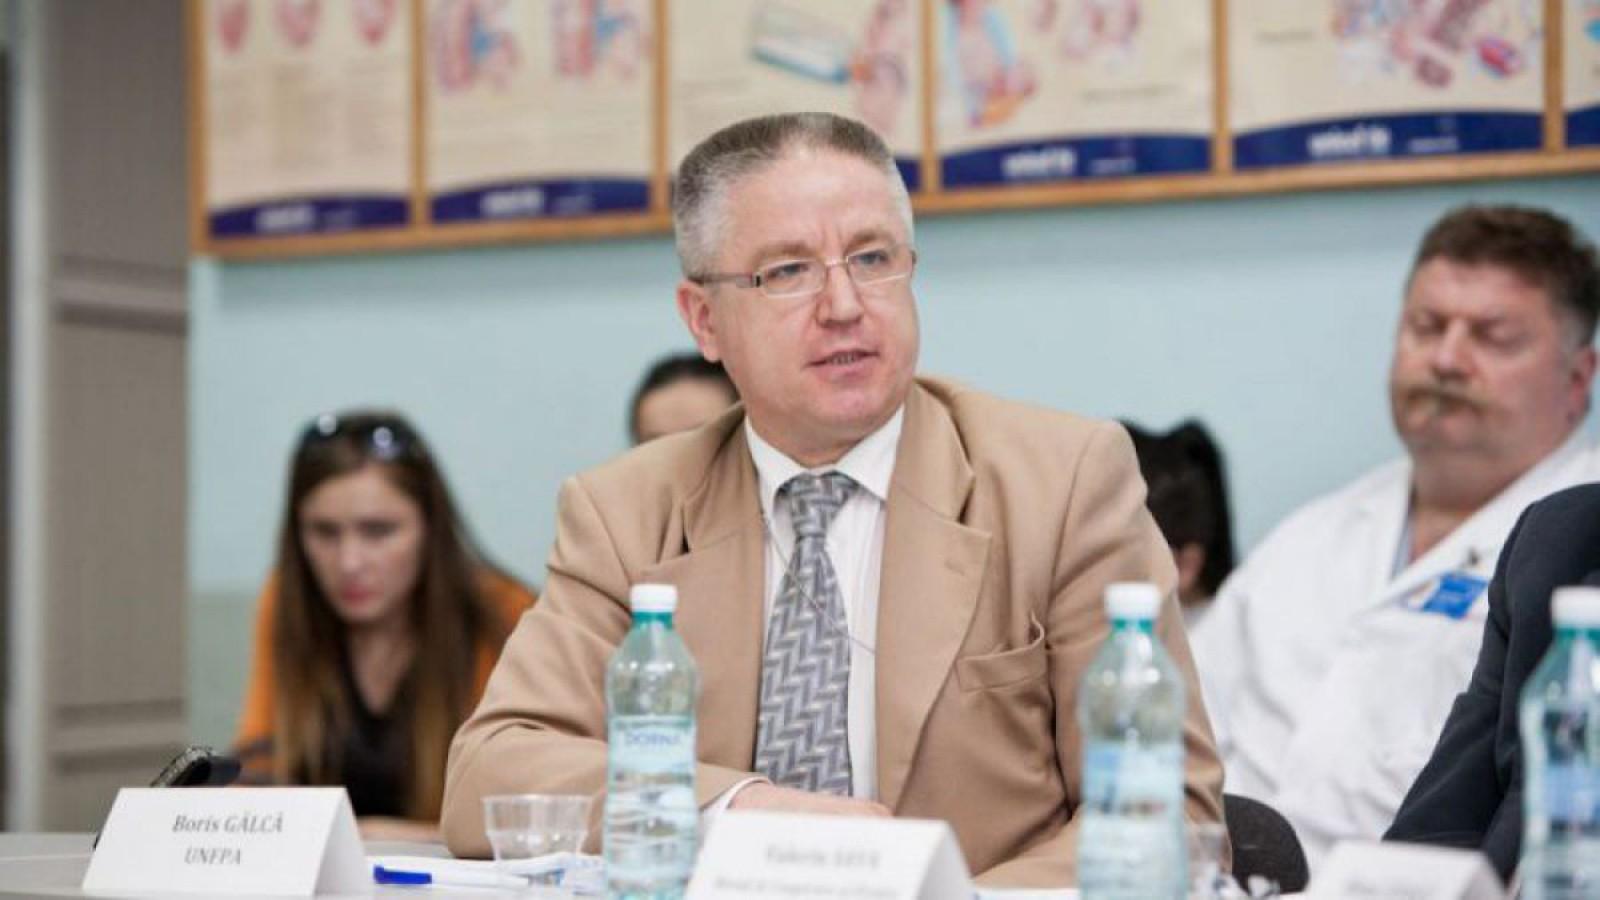 Reacția unui secretar de stat la declarația comună a celor 98 de femei: Ministerul și Guvernul nu va acționa în bază de petiții